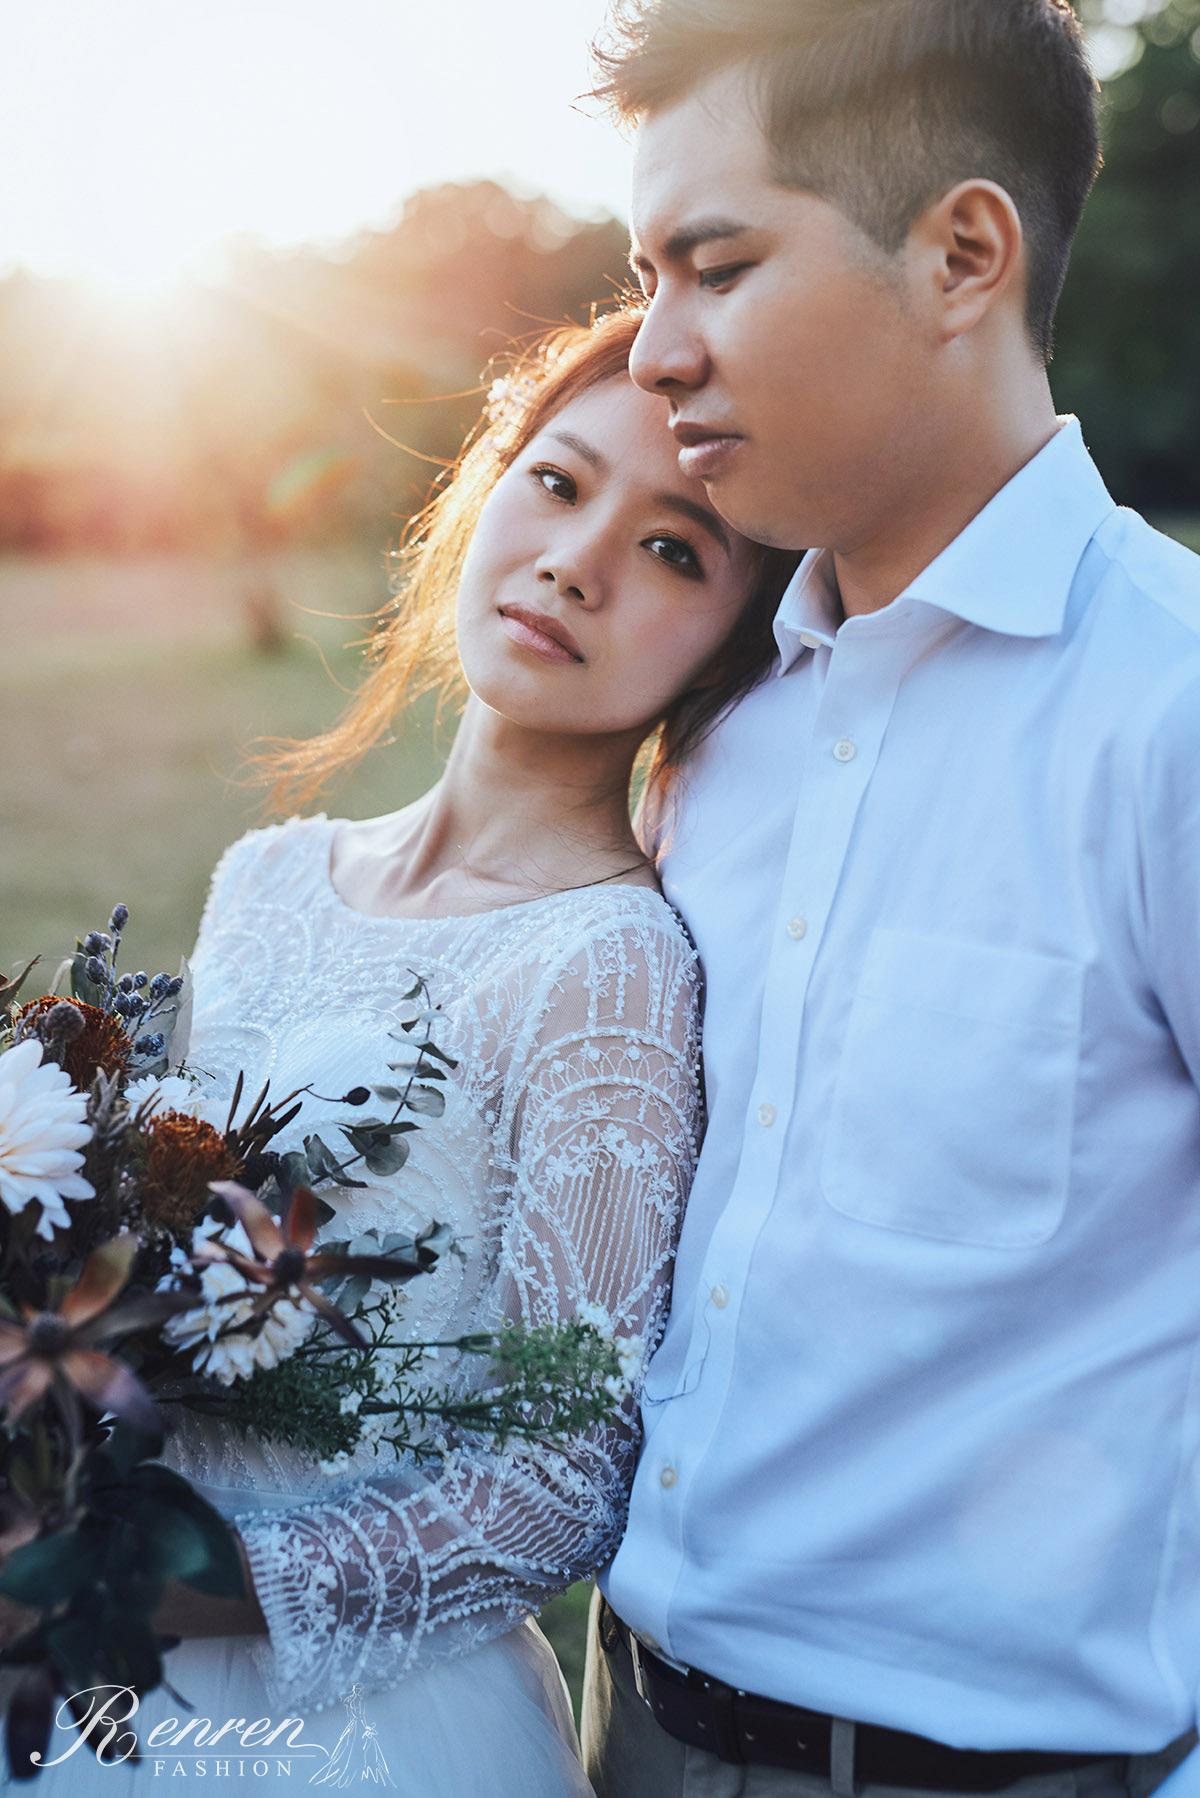 草地 婚紗-冉冉婚紗-慕朵影像-魏沐-婚紗攝影-台中-14